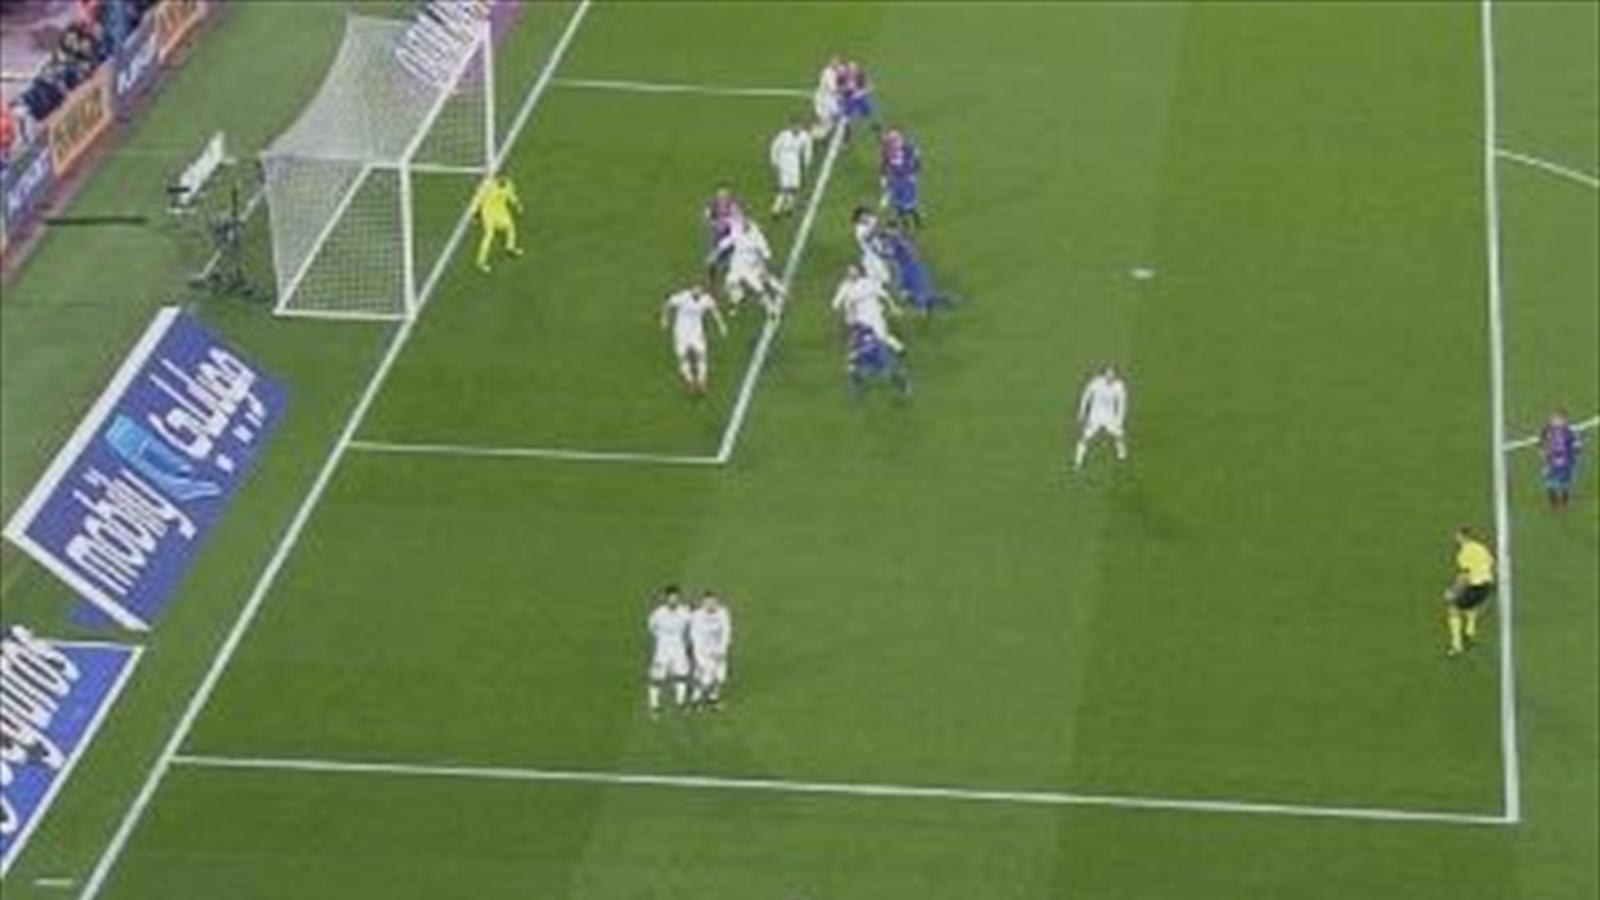 Posible fuera de juego en el gol de luis su rez y penaltis for Fuera de lugar futbol